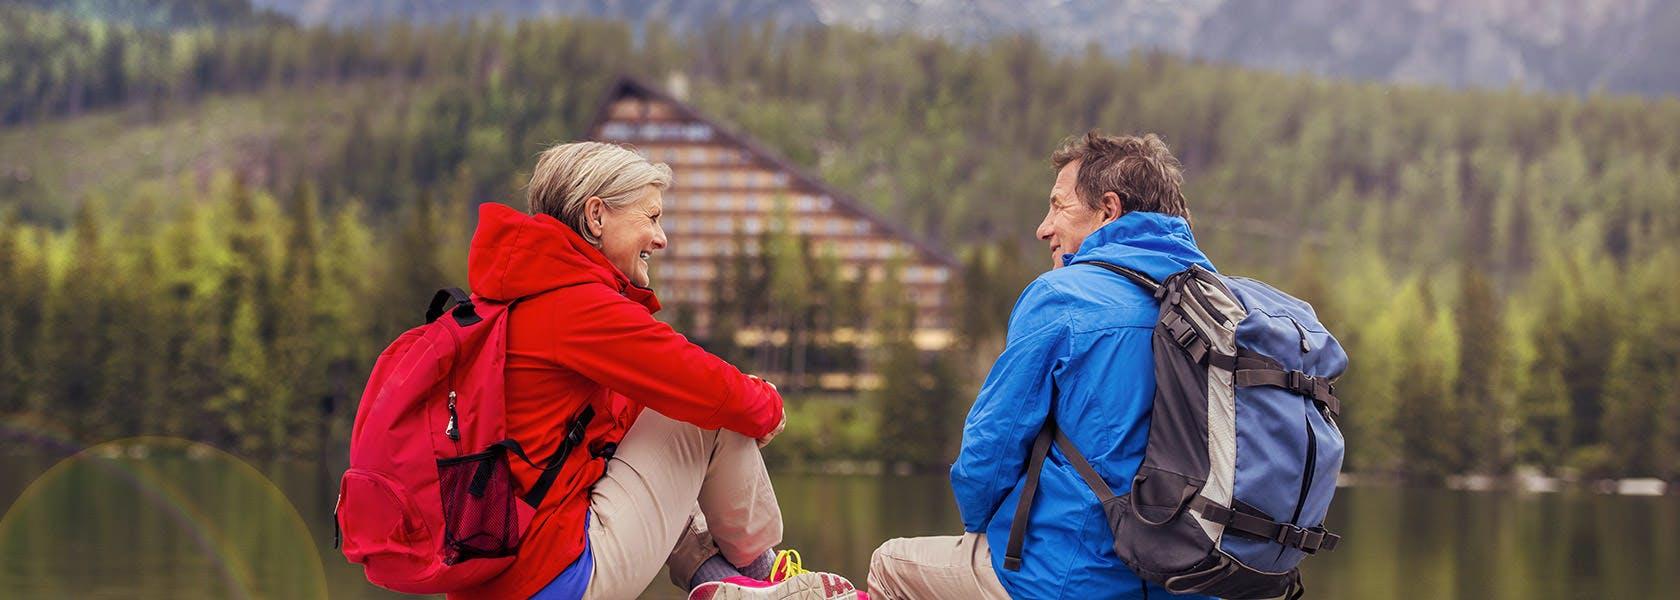 Cặp đôi trung niên đi bộ quanh hồ ở đồi núi đẹp